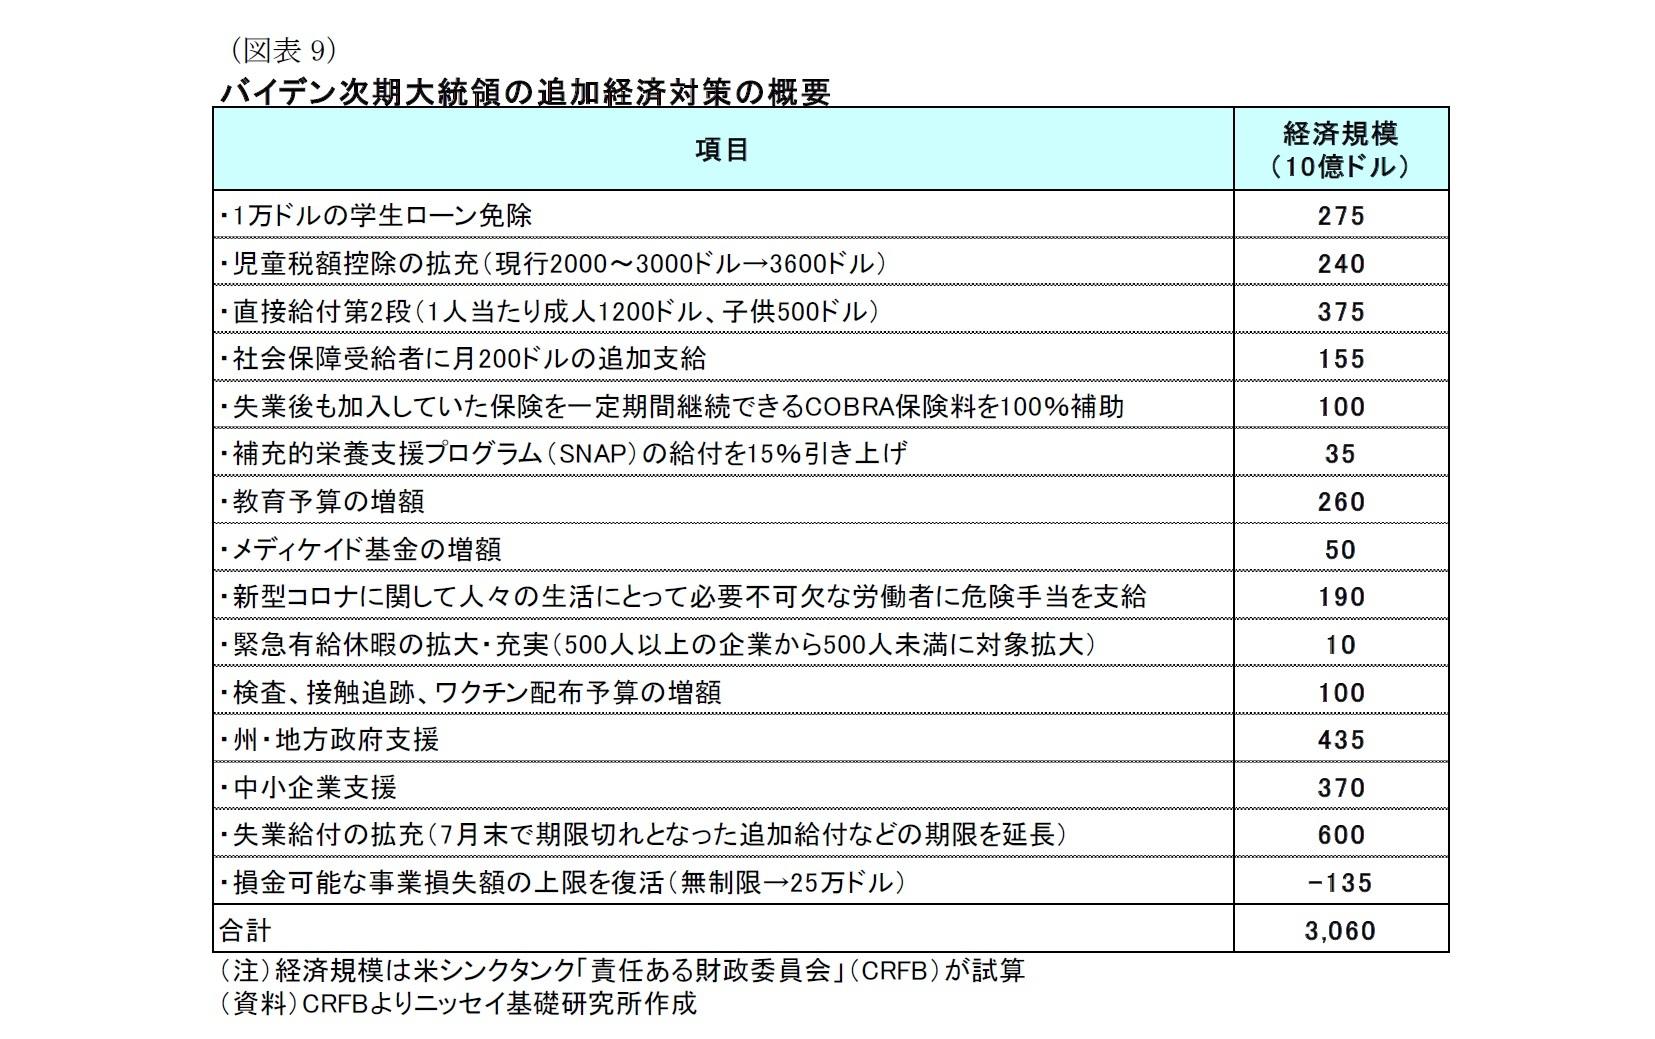 (図表9)バイデン次期大統領の追加経済対策の概要